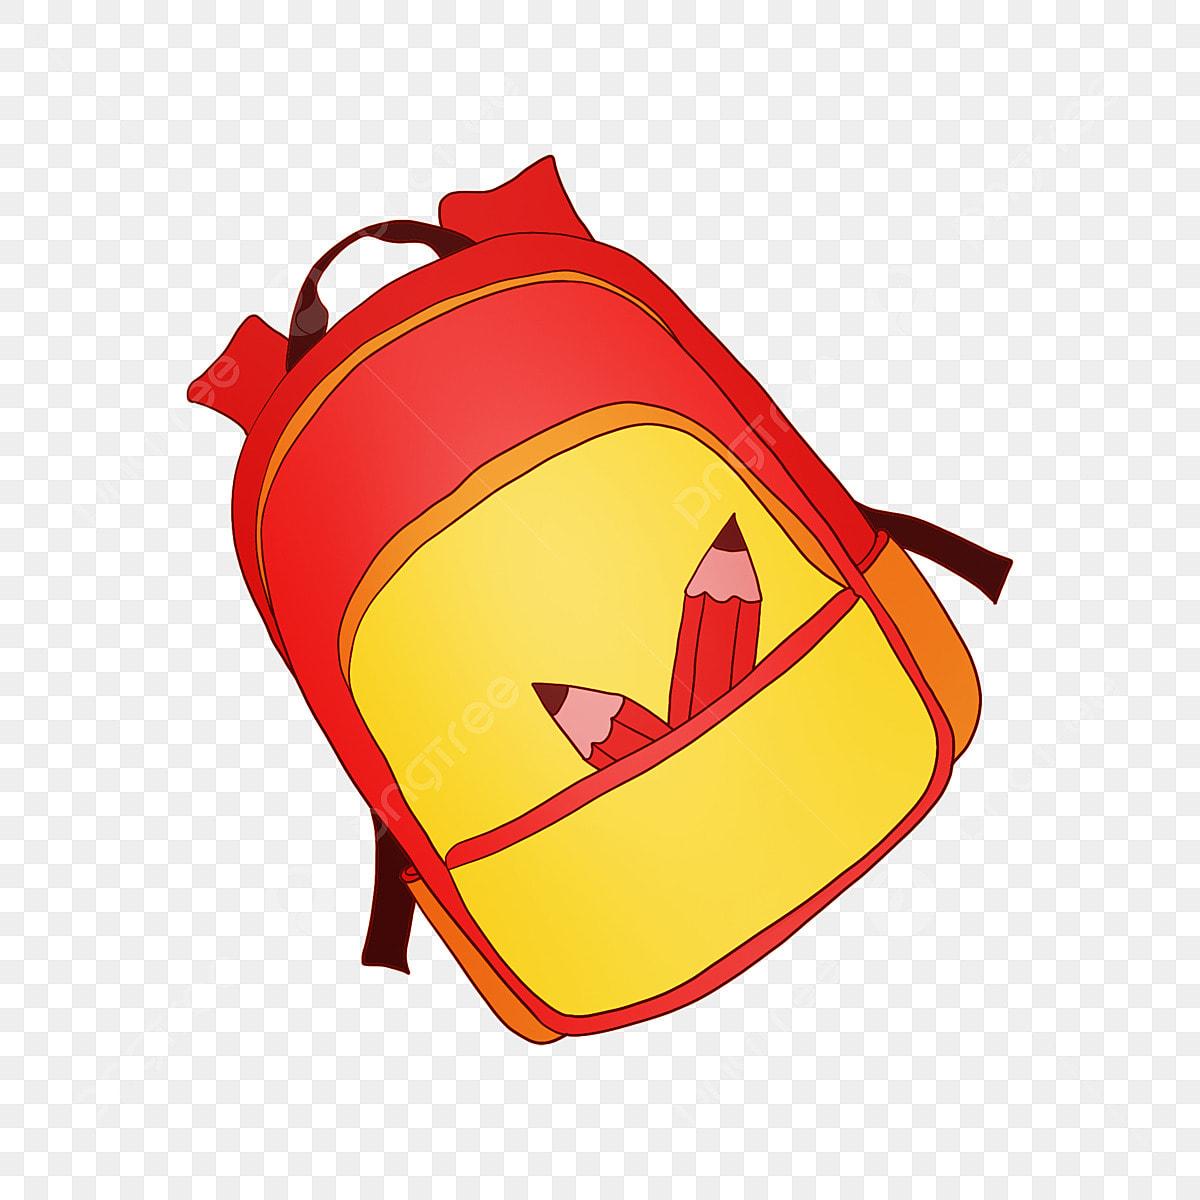 Gambar Beg Sekolah Yang Dicat Beg Sekolah Kartun Hiasan Beg Sekolah Gambar Beg Sekolah Beg Sekolah Kuning Kuning Sekolah Png Dan Psd Untuk Muat Turun Percuma